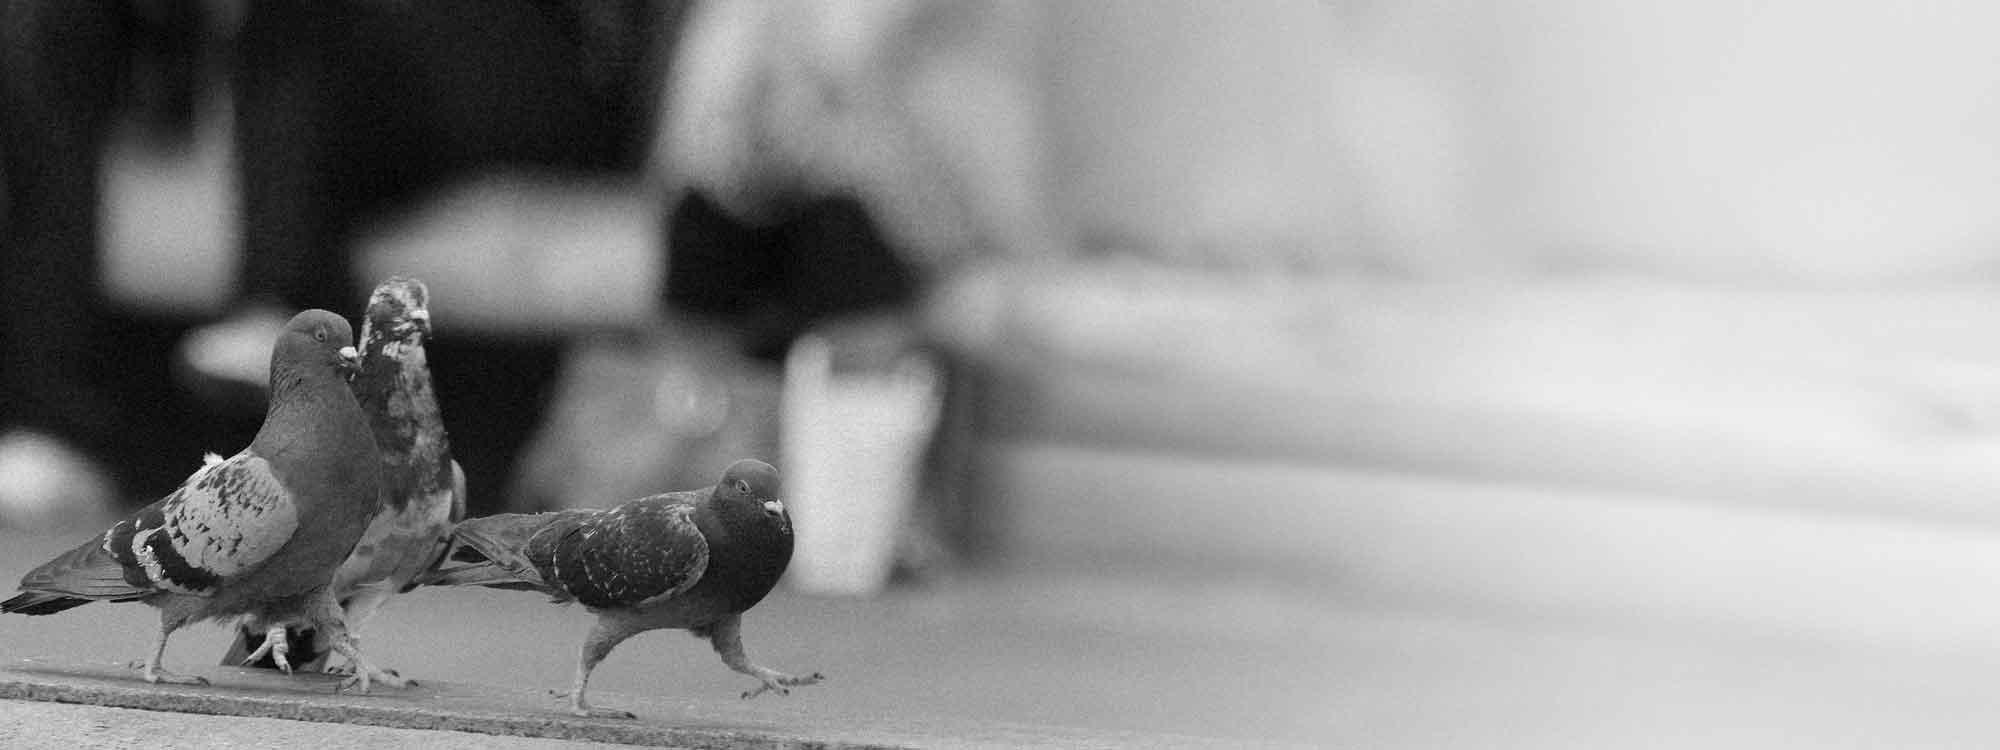 Pour une évolution de la condition des pigeons en ville